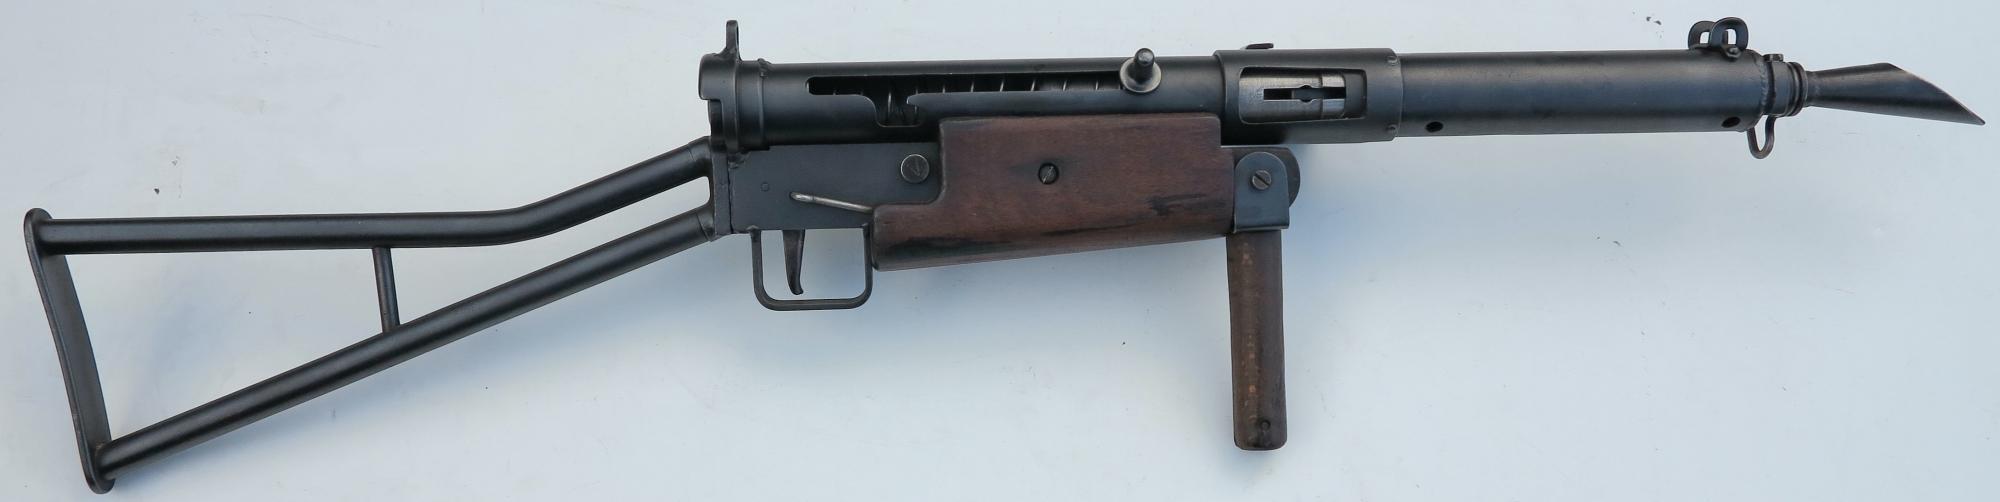 Kết quả hình ảnh cho The Mk. 1 Sten Gun